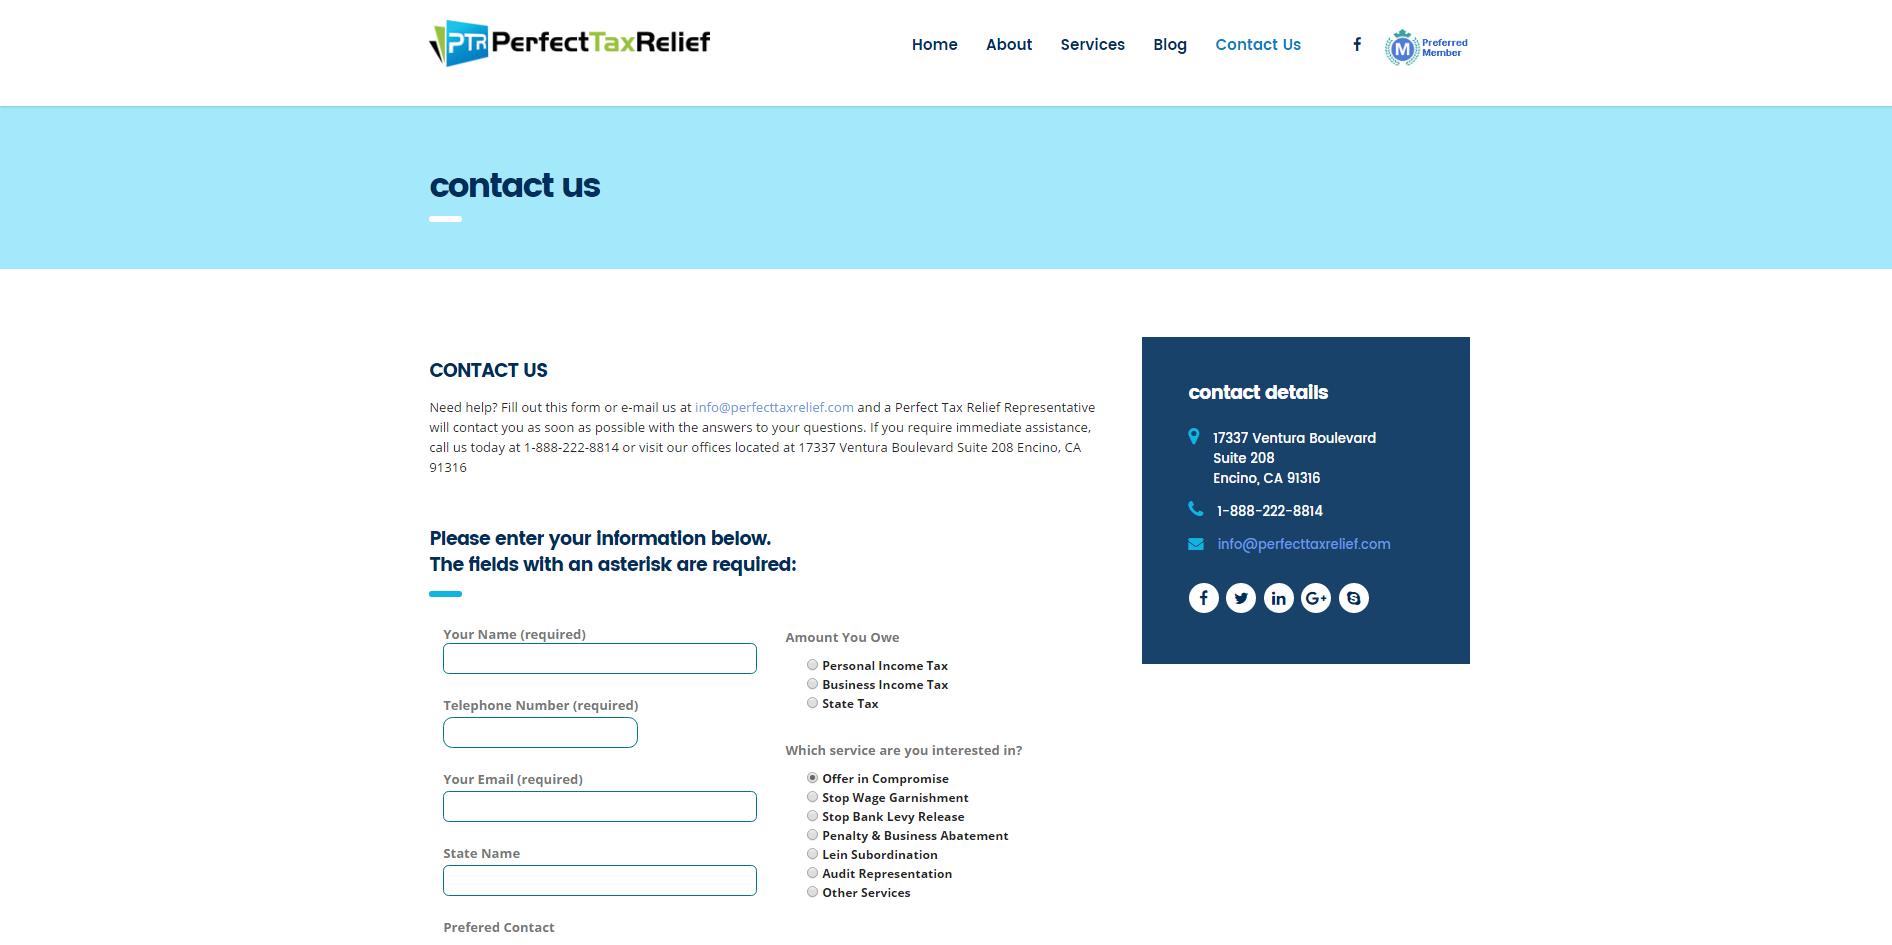 perfecttaxrelief.com